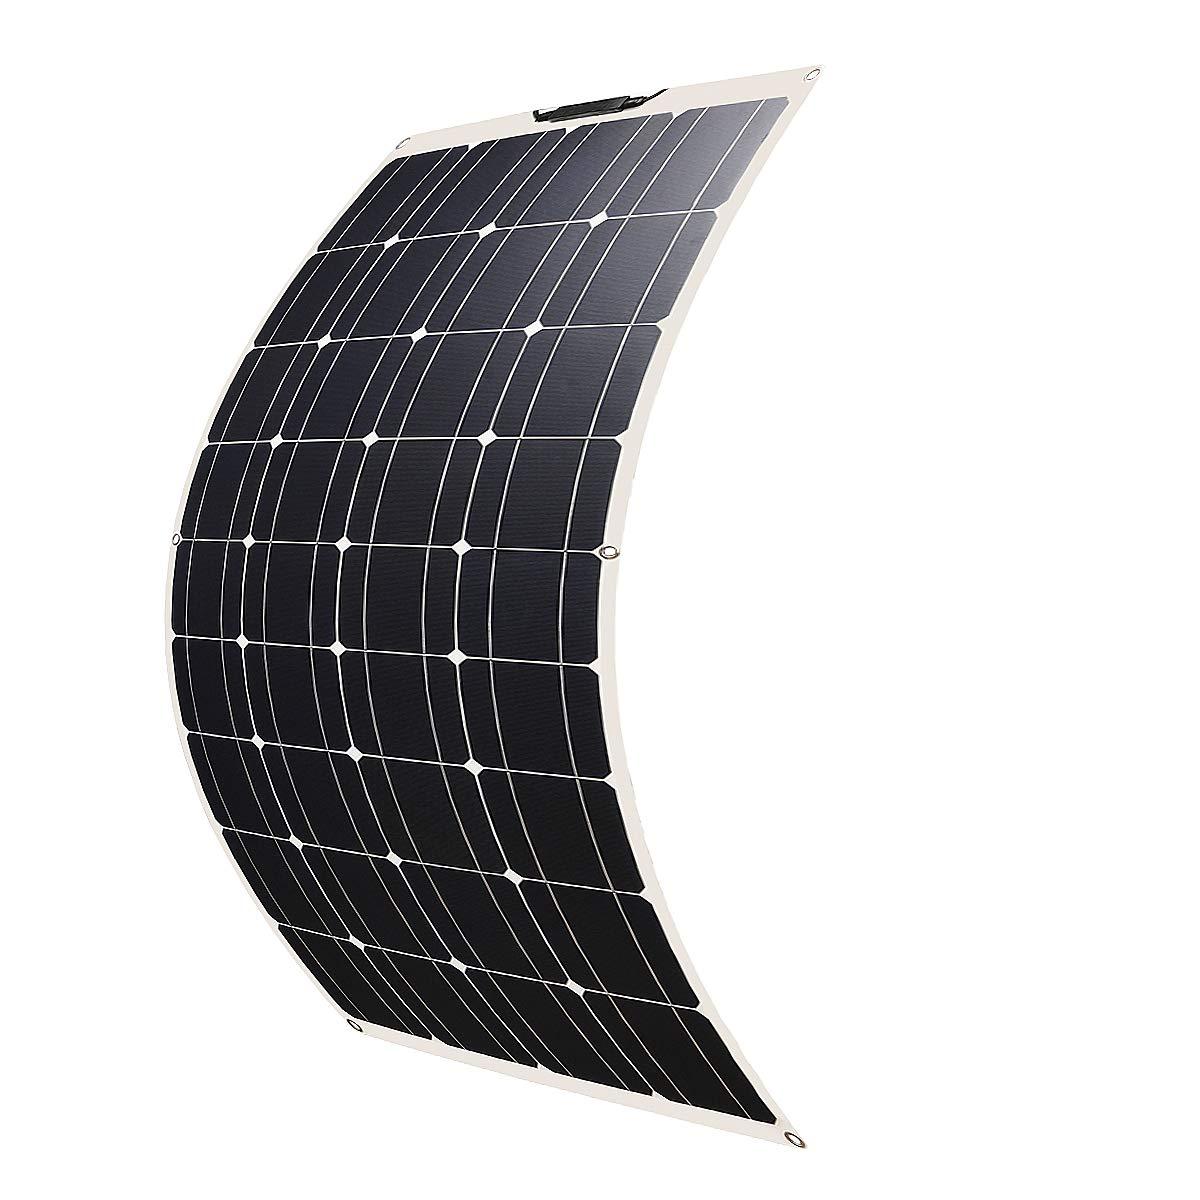 Remolque Bater/ía 12V o Cualquier otra Superficie Irregular Betop-camp Panel Solar Fotovoltaico Monocristalino Semi Flexible de 100W Flex para RV Autom/óvil Barco Tienda